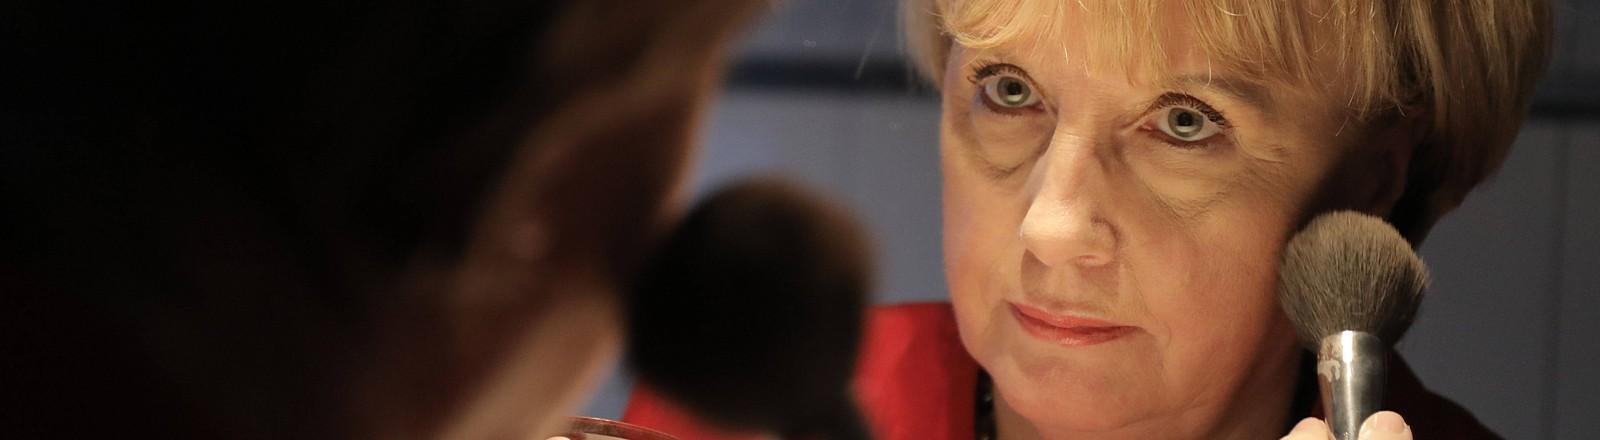 Das Merkel-Double Ursula Wanecki schminkt sich für einen Auftritt